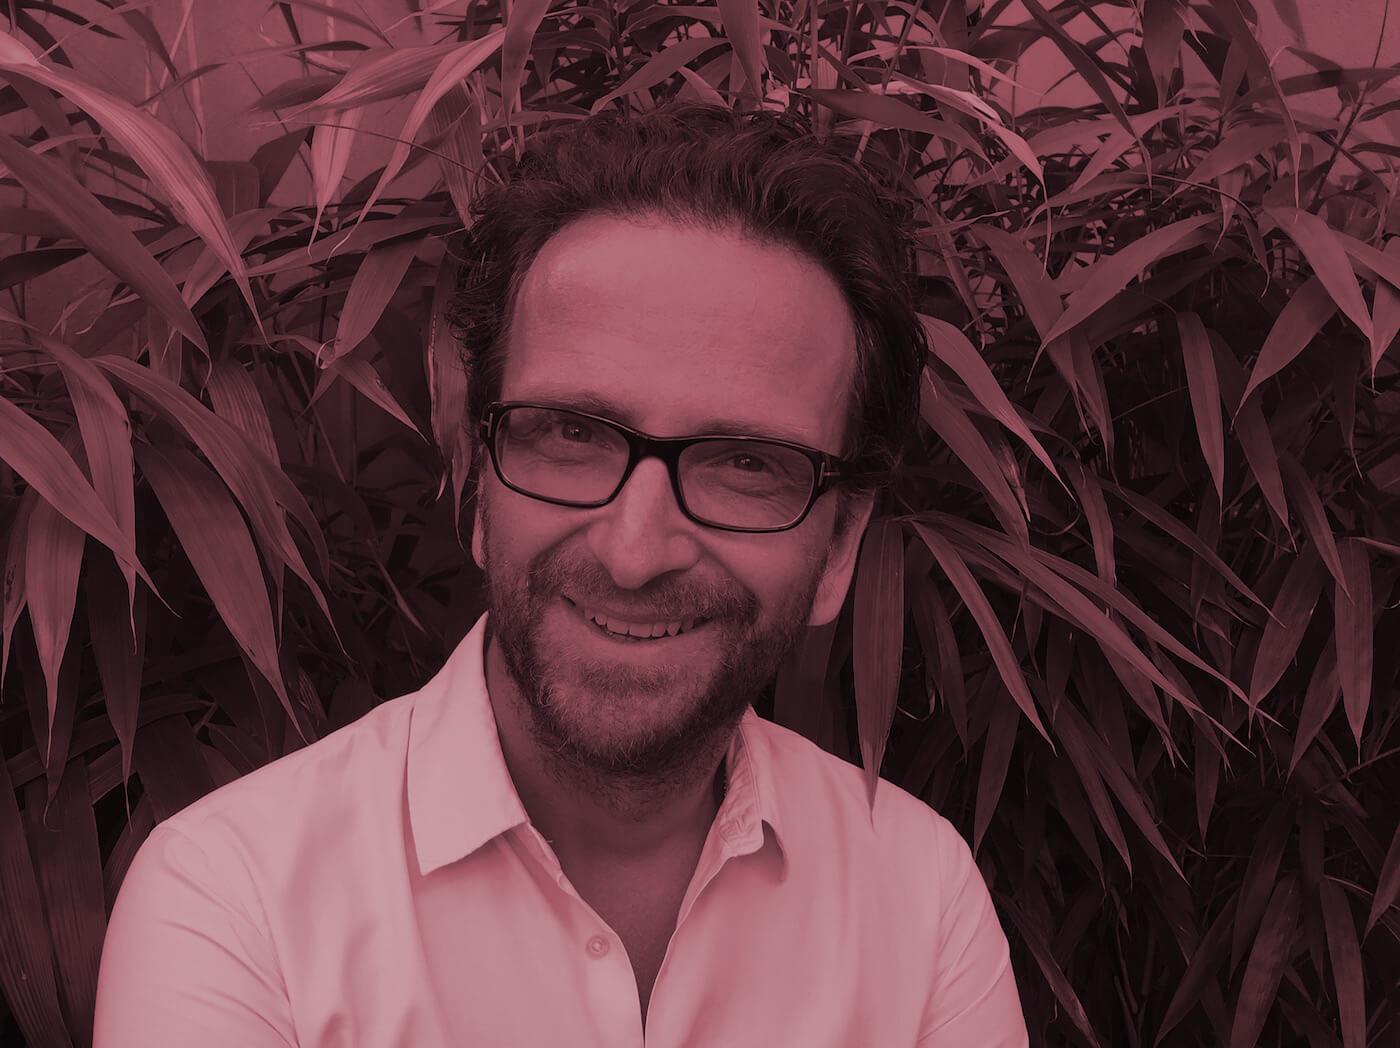 """Andreas Miedaner: """"Mein innerster Antrieb war immer schon, Dinge nicht zu akzeptieren wie sie sind, sondern sie neu zu denken"""""""